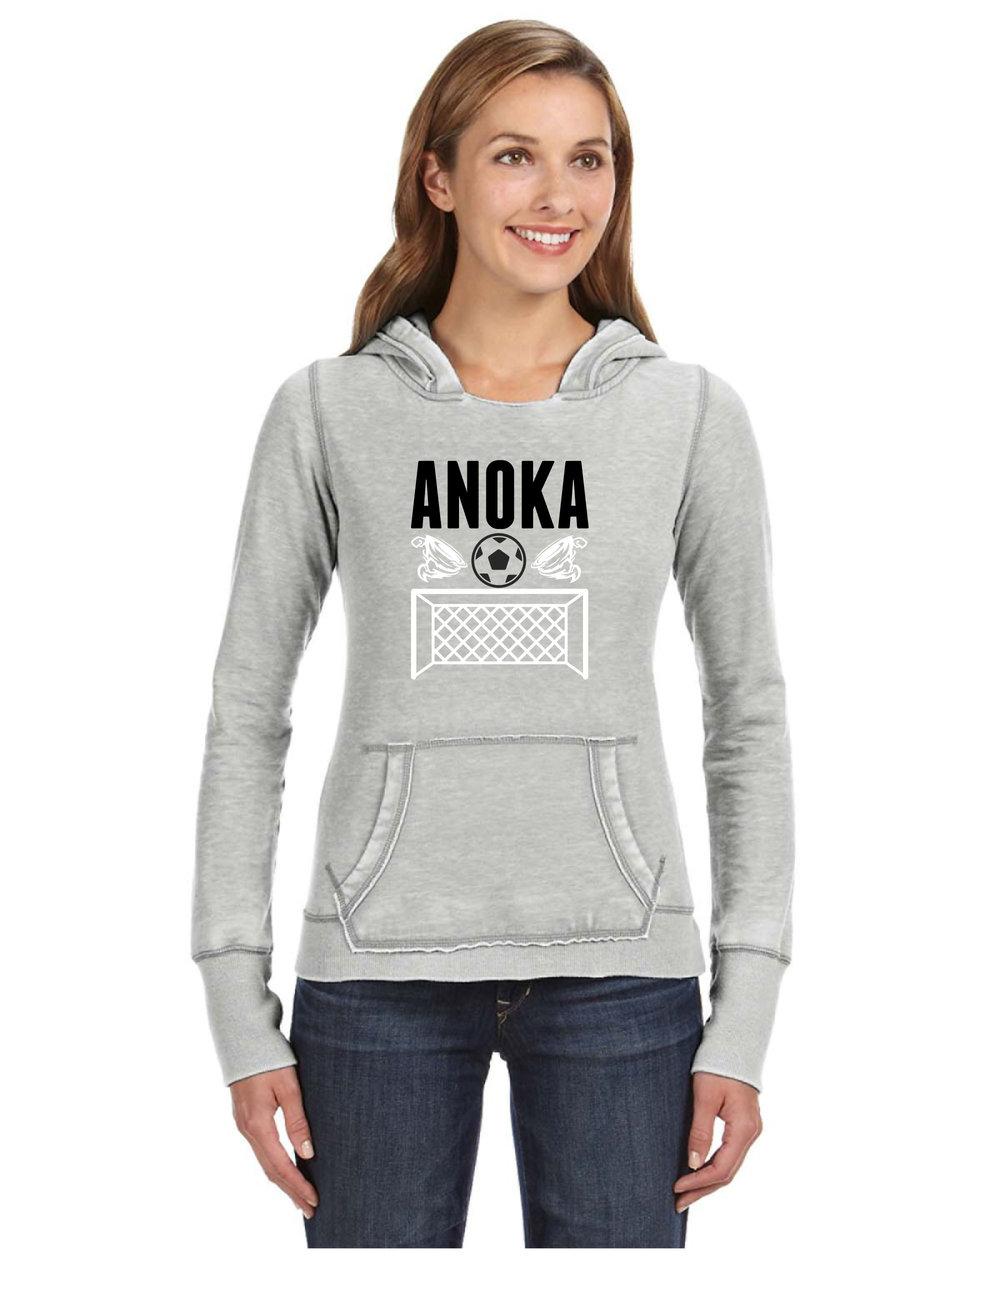 ANOKAsoccer1.jpg